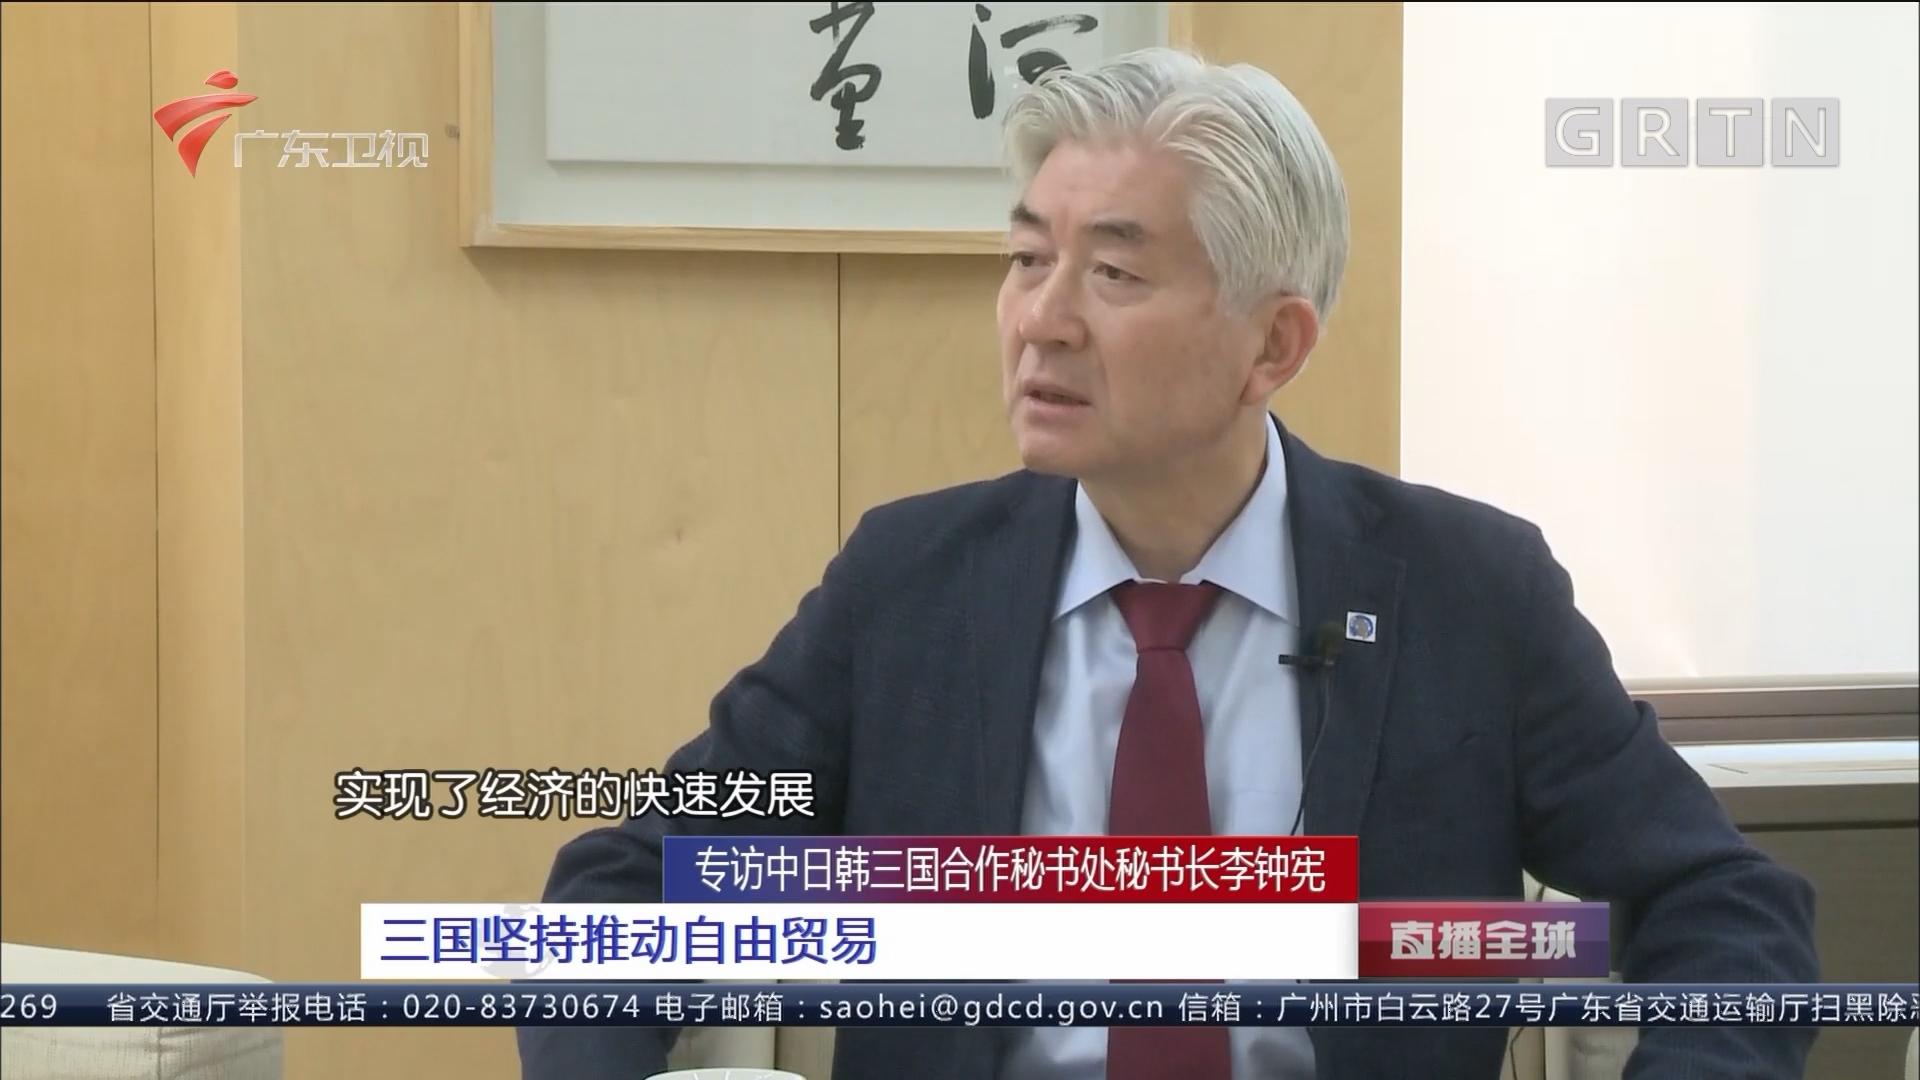 专访中日韩三国合作秘书处秘书长李钟宪 三国合作潜力巨大